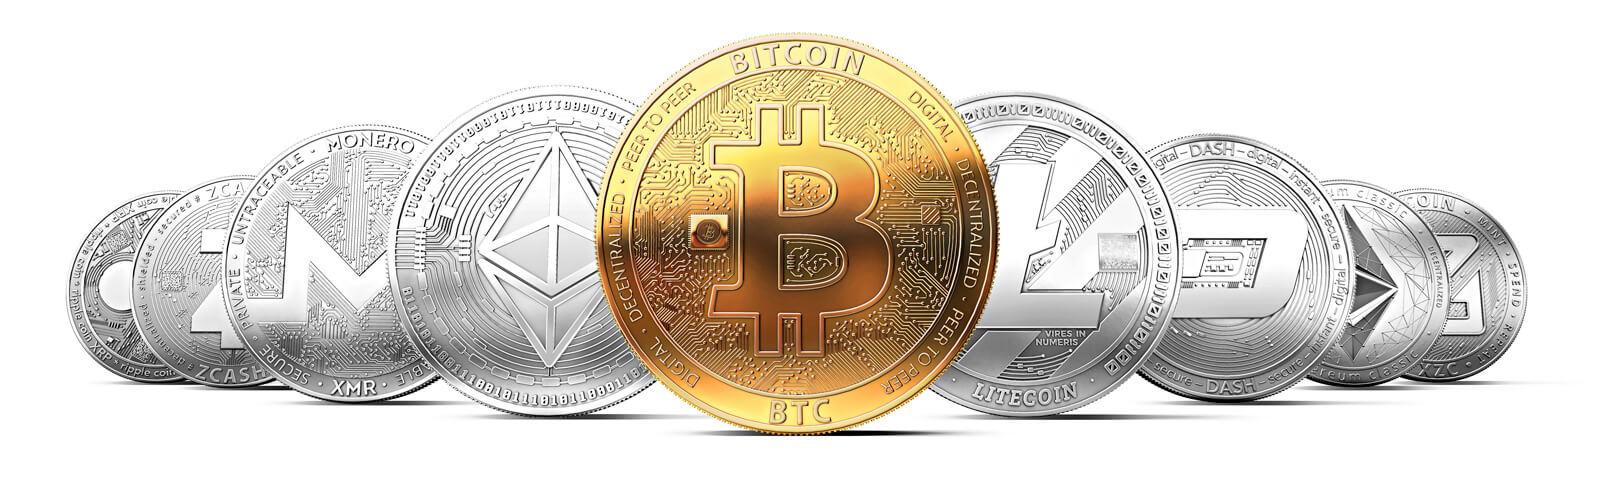 Криптовалюта это что такое?